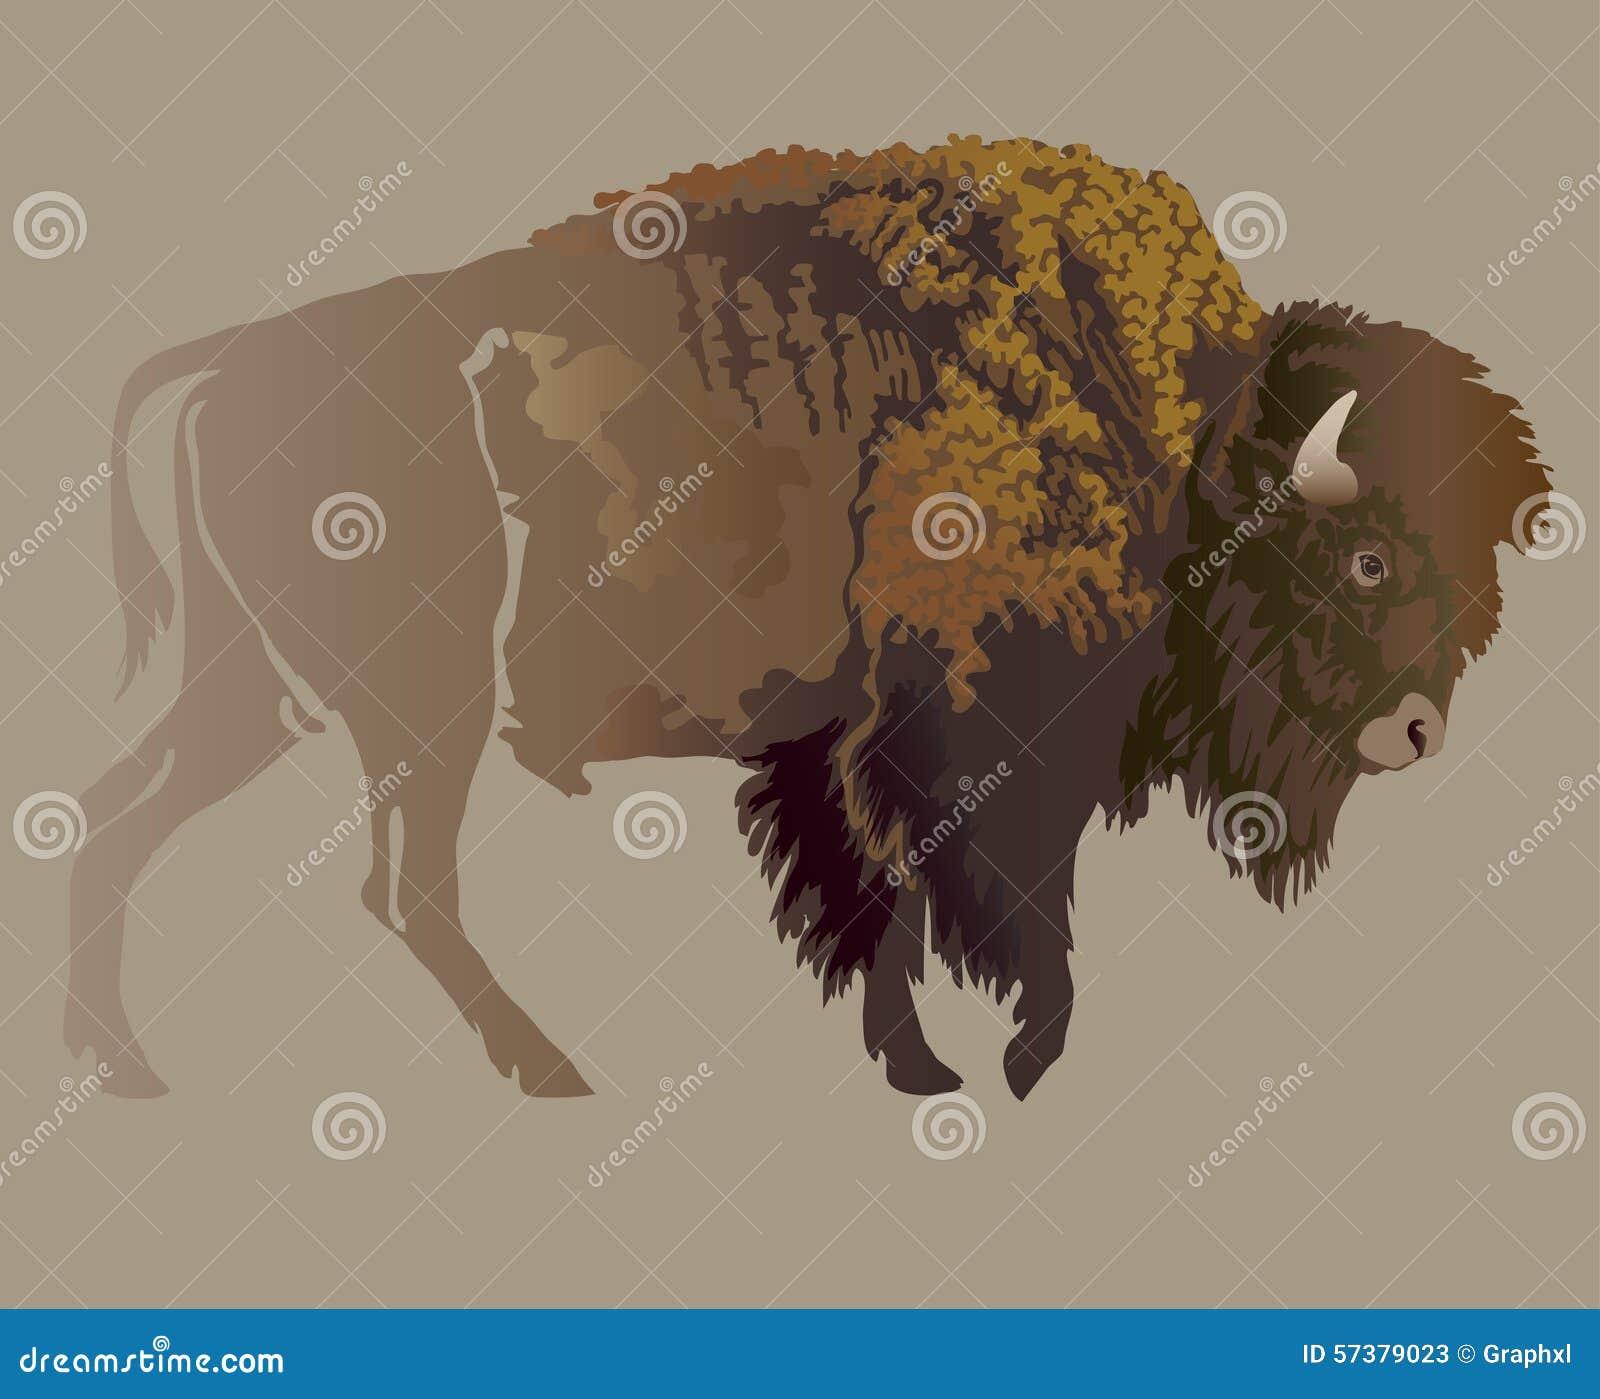 Buffels Het gezicht van Hand-drawn vrouwen illustration